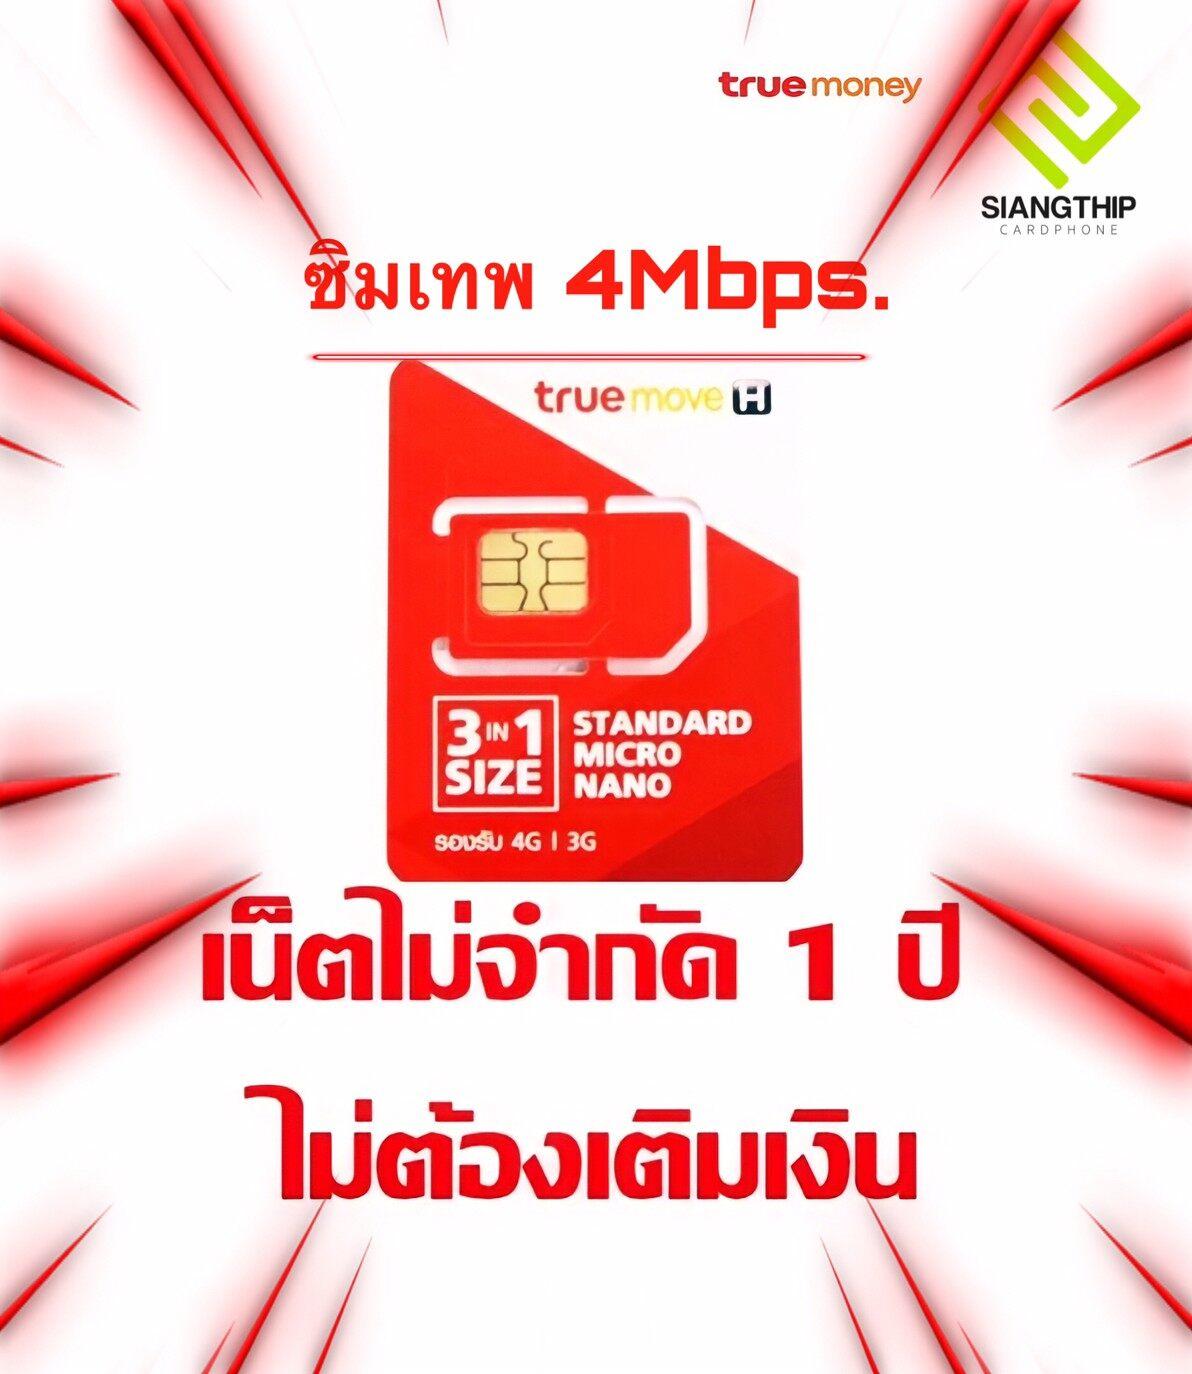 ซิมเทพ 4g Unlimited ซิมเทพ 4mbps ไม่อั้น 1 ปี ซิมเน็ตรายปี.